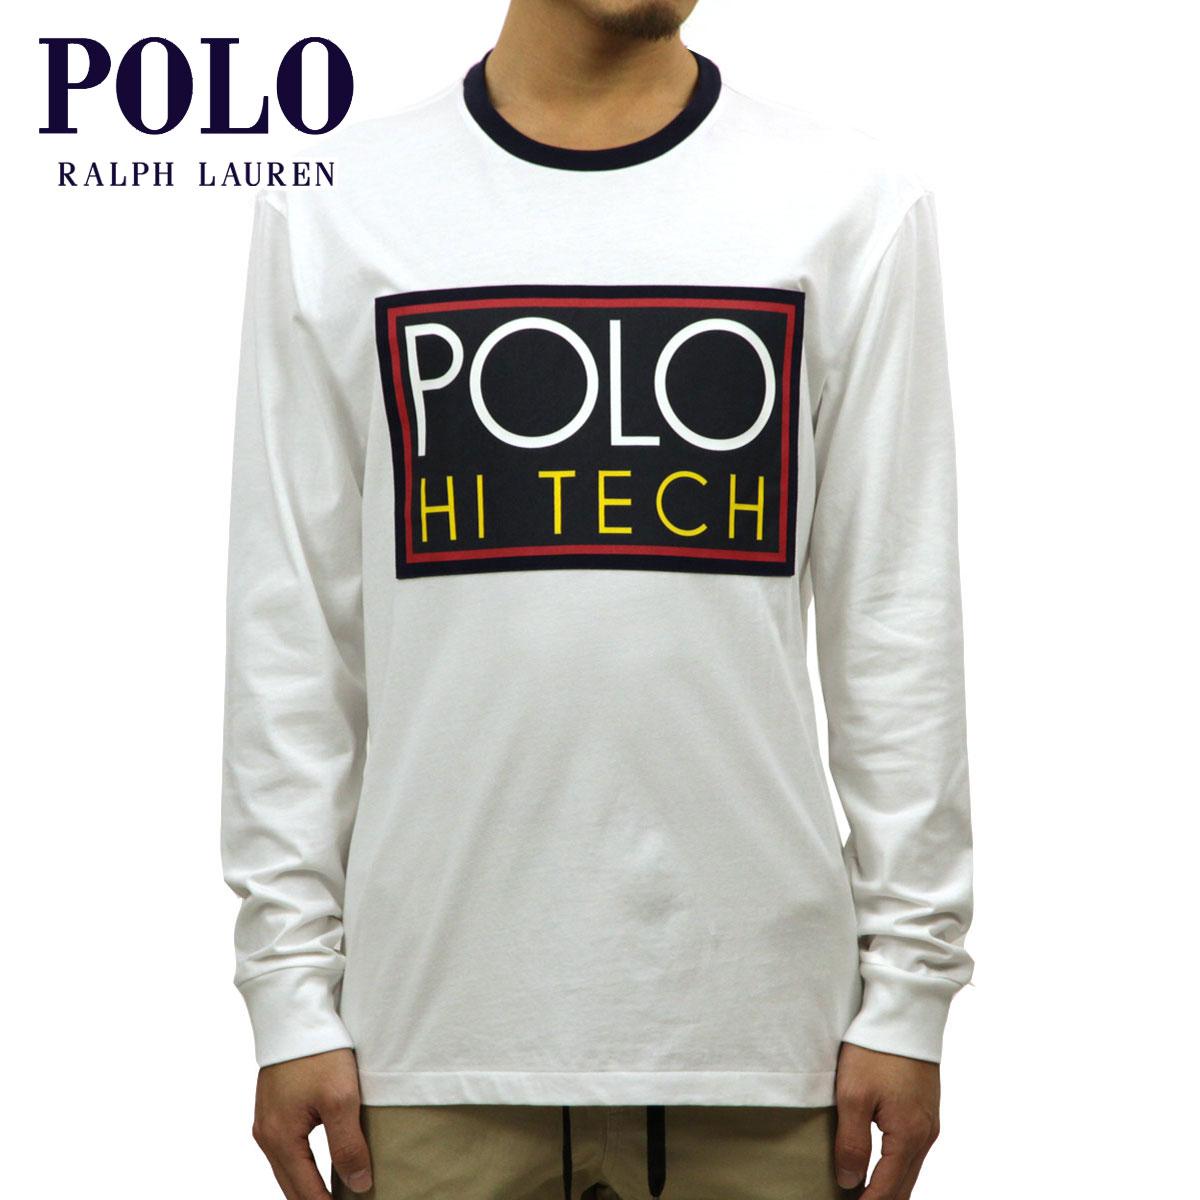 ポロ ラルフローレン POLO RALPH LAUREN 正規品 メンズ 長袖Tシャツ HI TECH LOGO GRAPHIC LONG-SLEEVE T-SHIRT WHITE